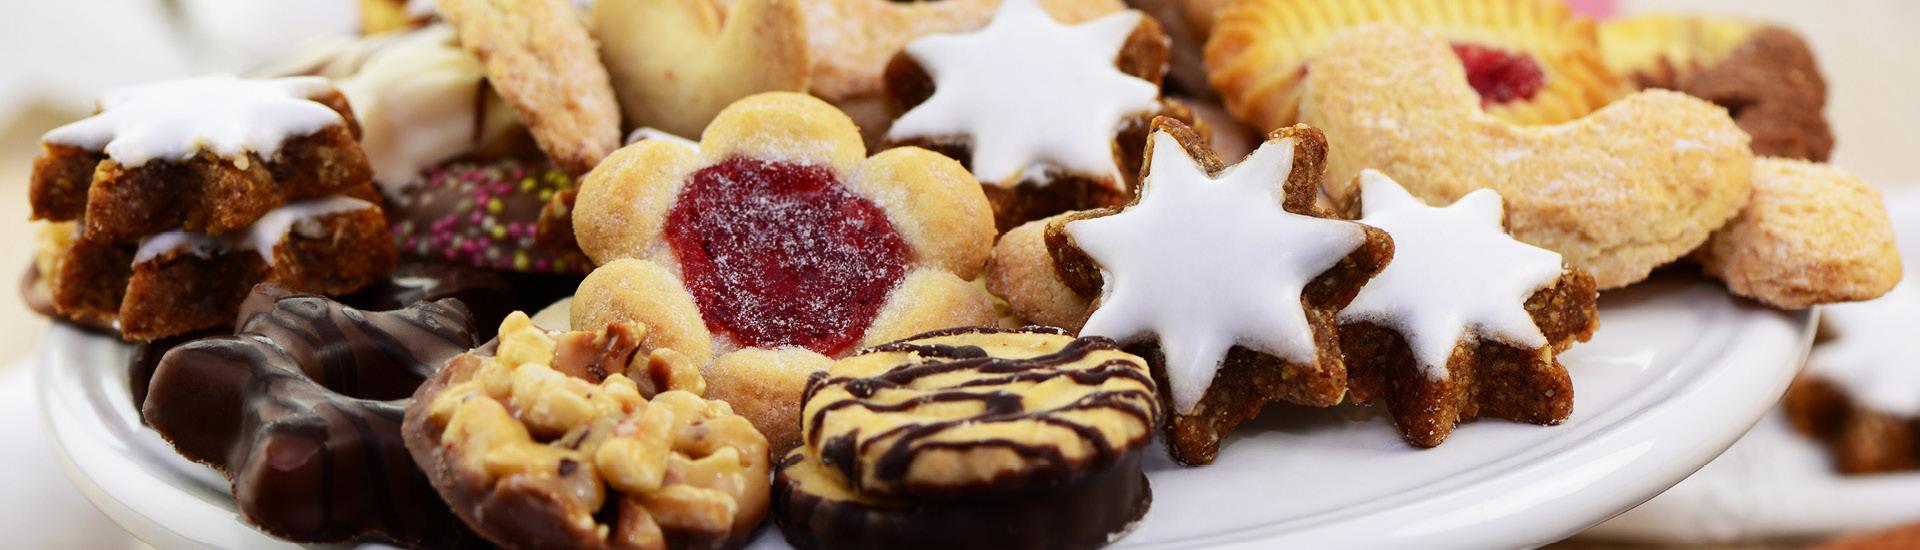 Weine - Auf ALLE Süß- und Dessertweine -20%! 12/2018 - Slider